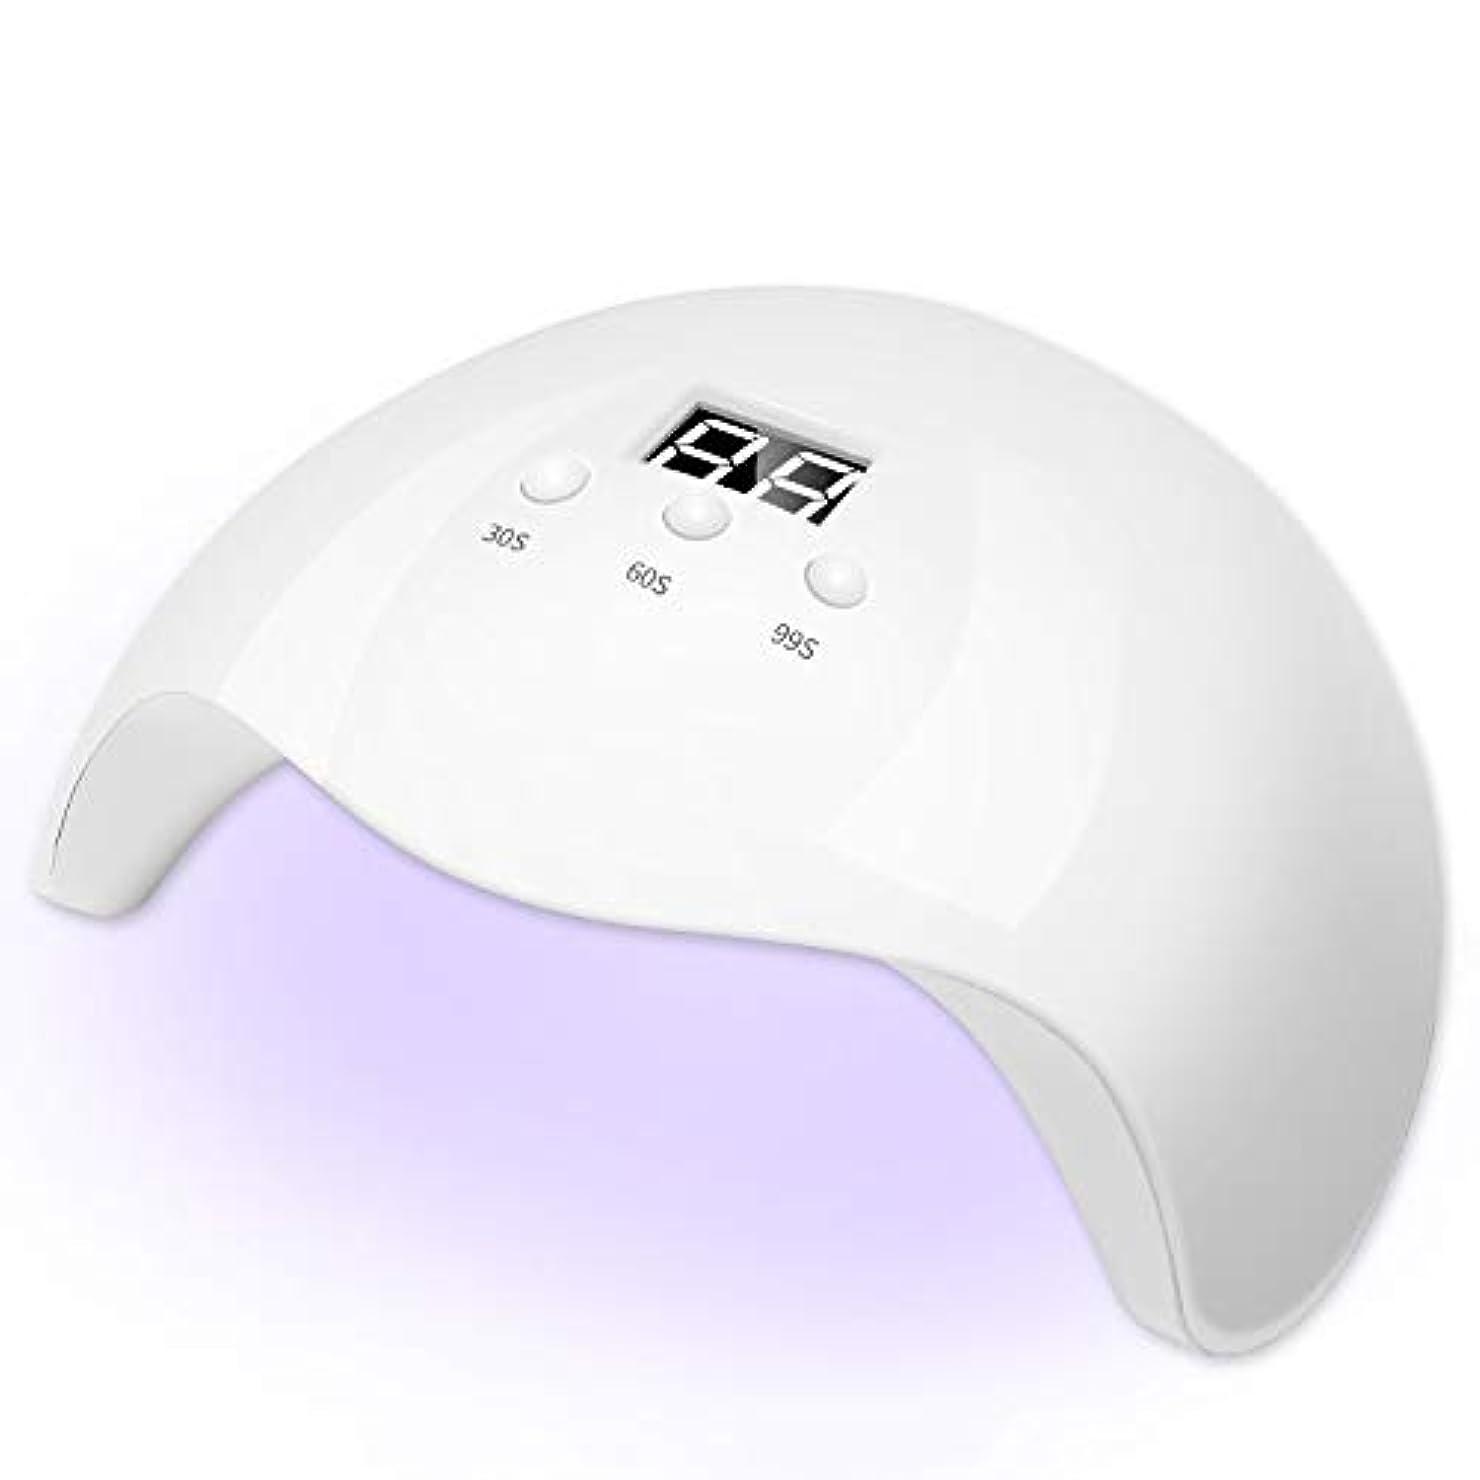 検出する亡命正規化ゲルネイルポリッシュと足の爪の硬化と自動センサーのための36W UV LEDネイルドライヤー速硬化ランプ